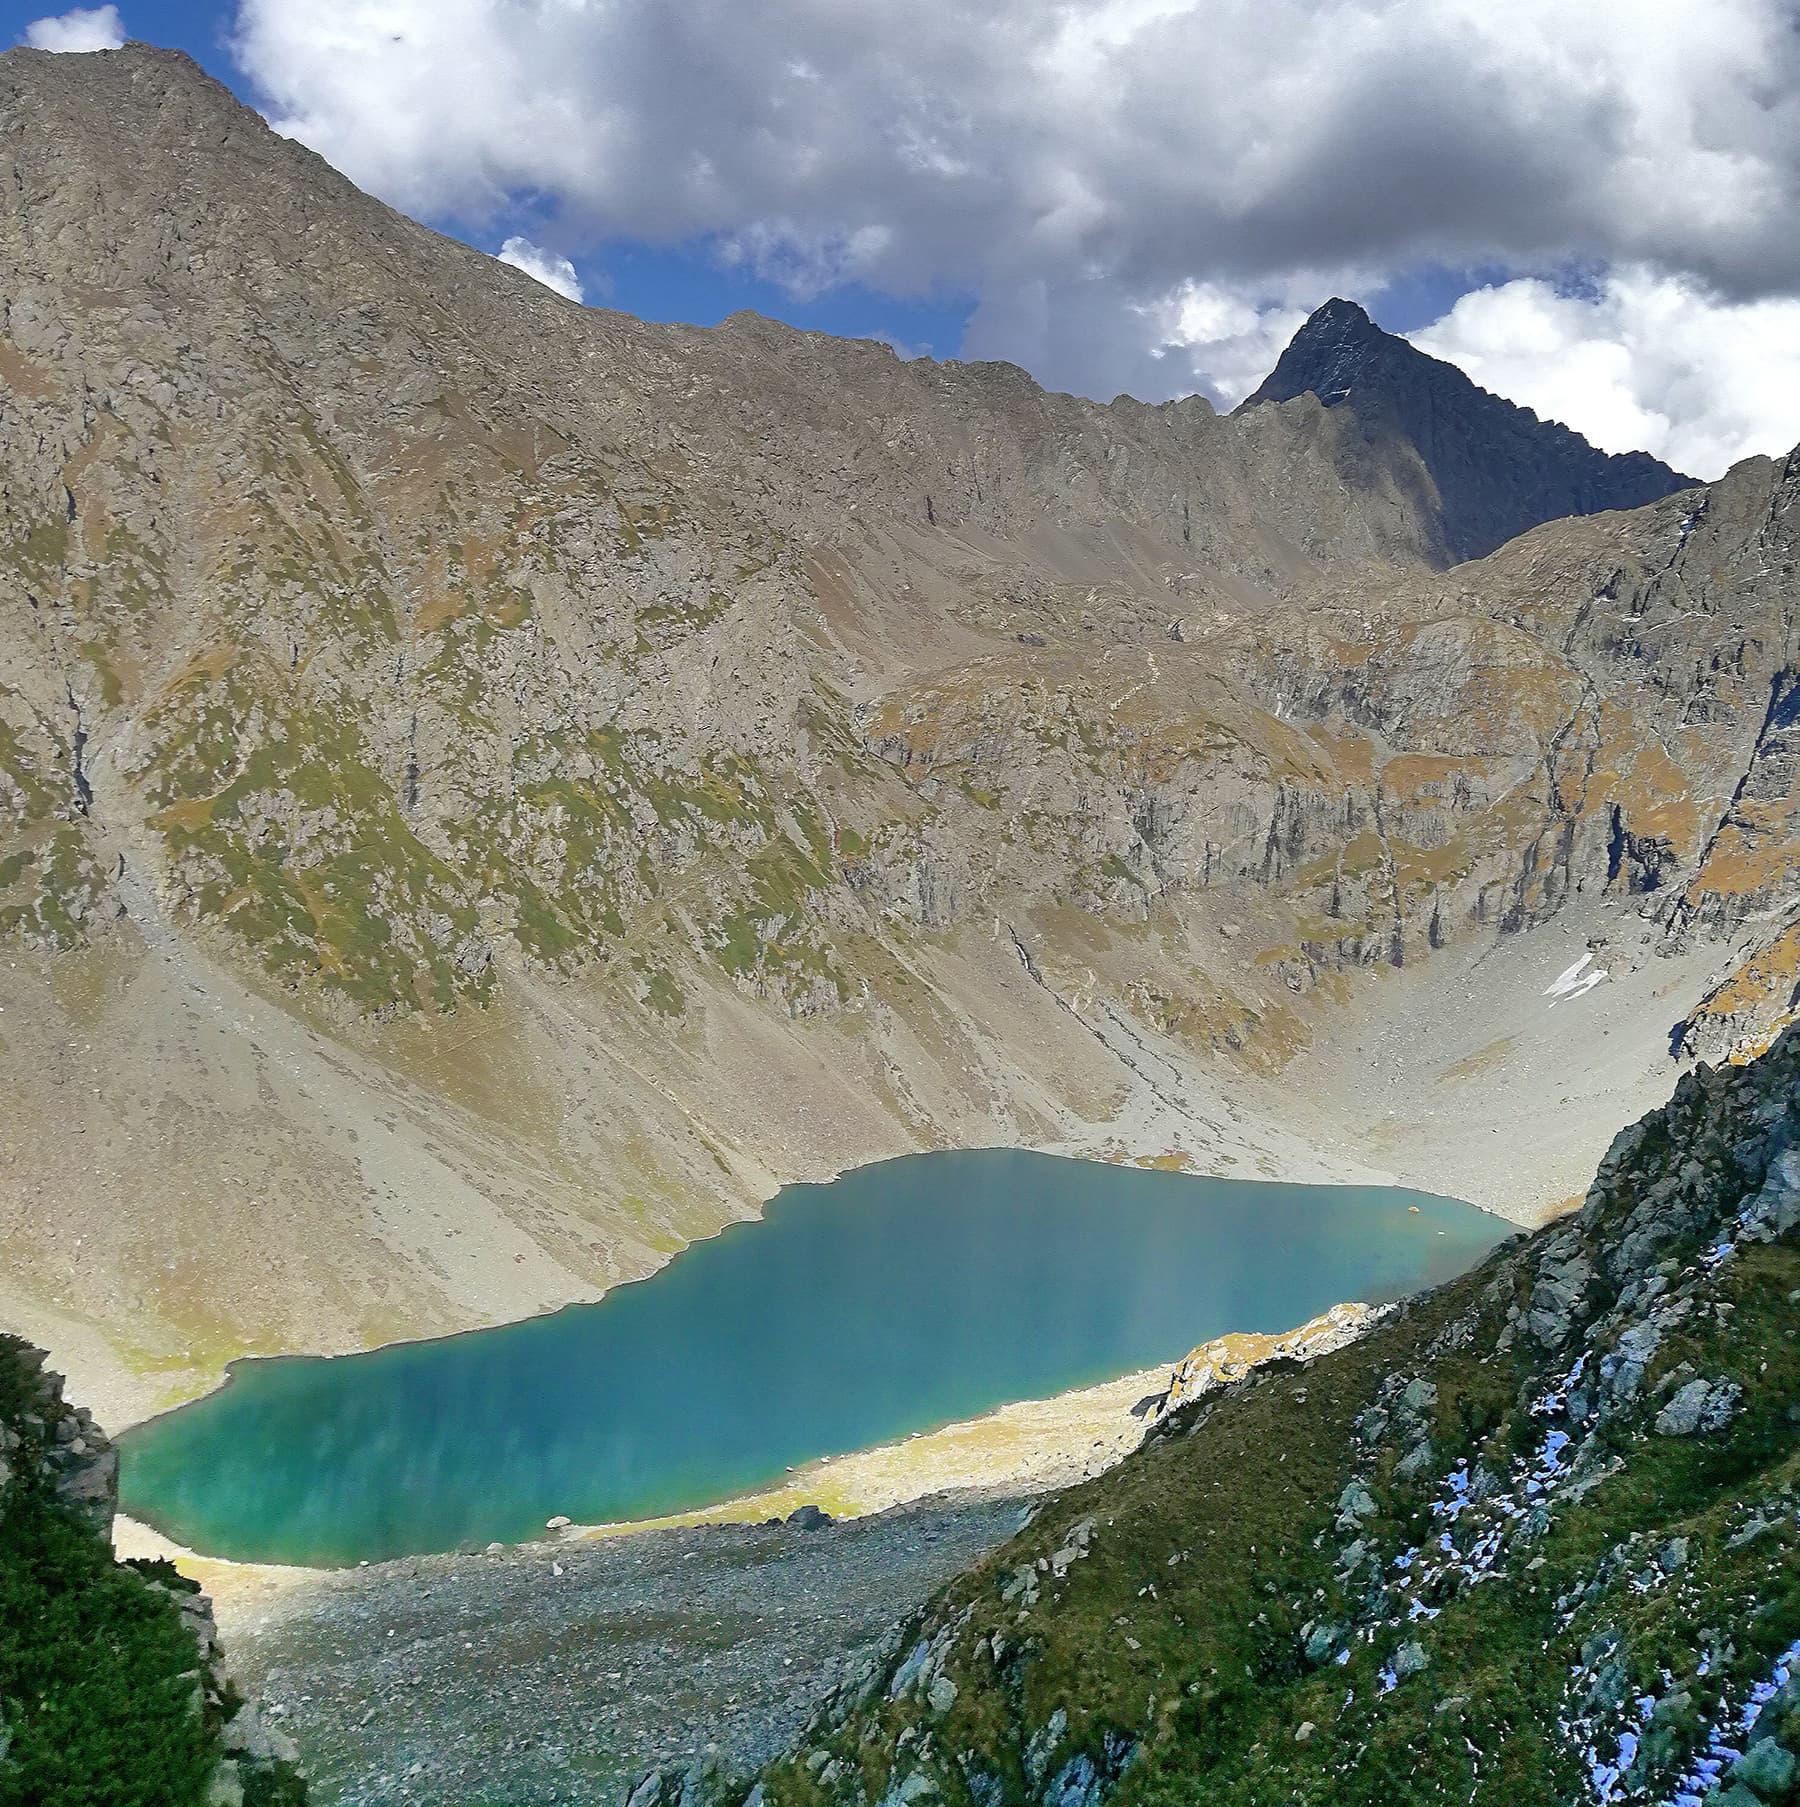 بلندی سے شٹاک جھیل کا ایک منظر—محمد بقہ شیخ